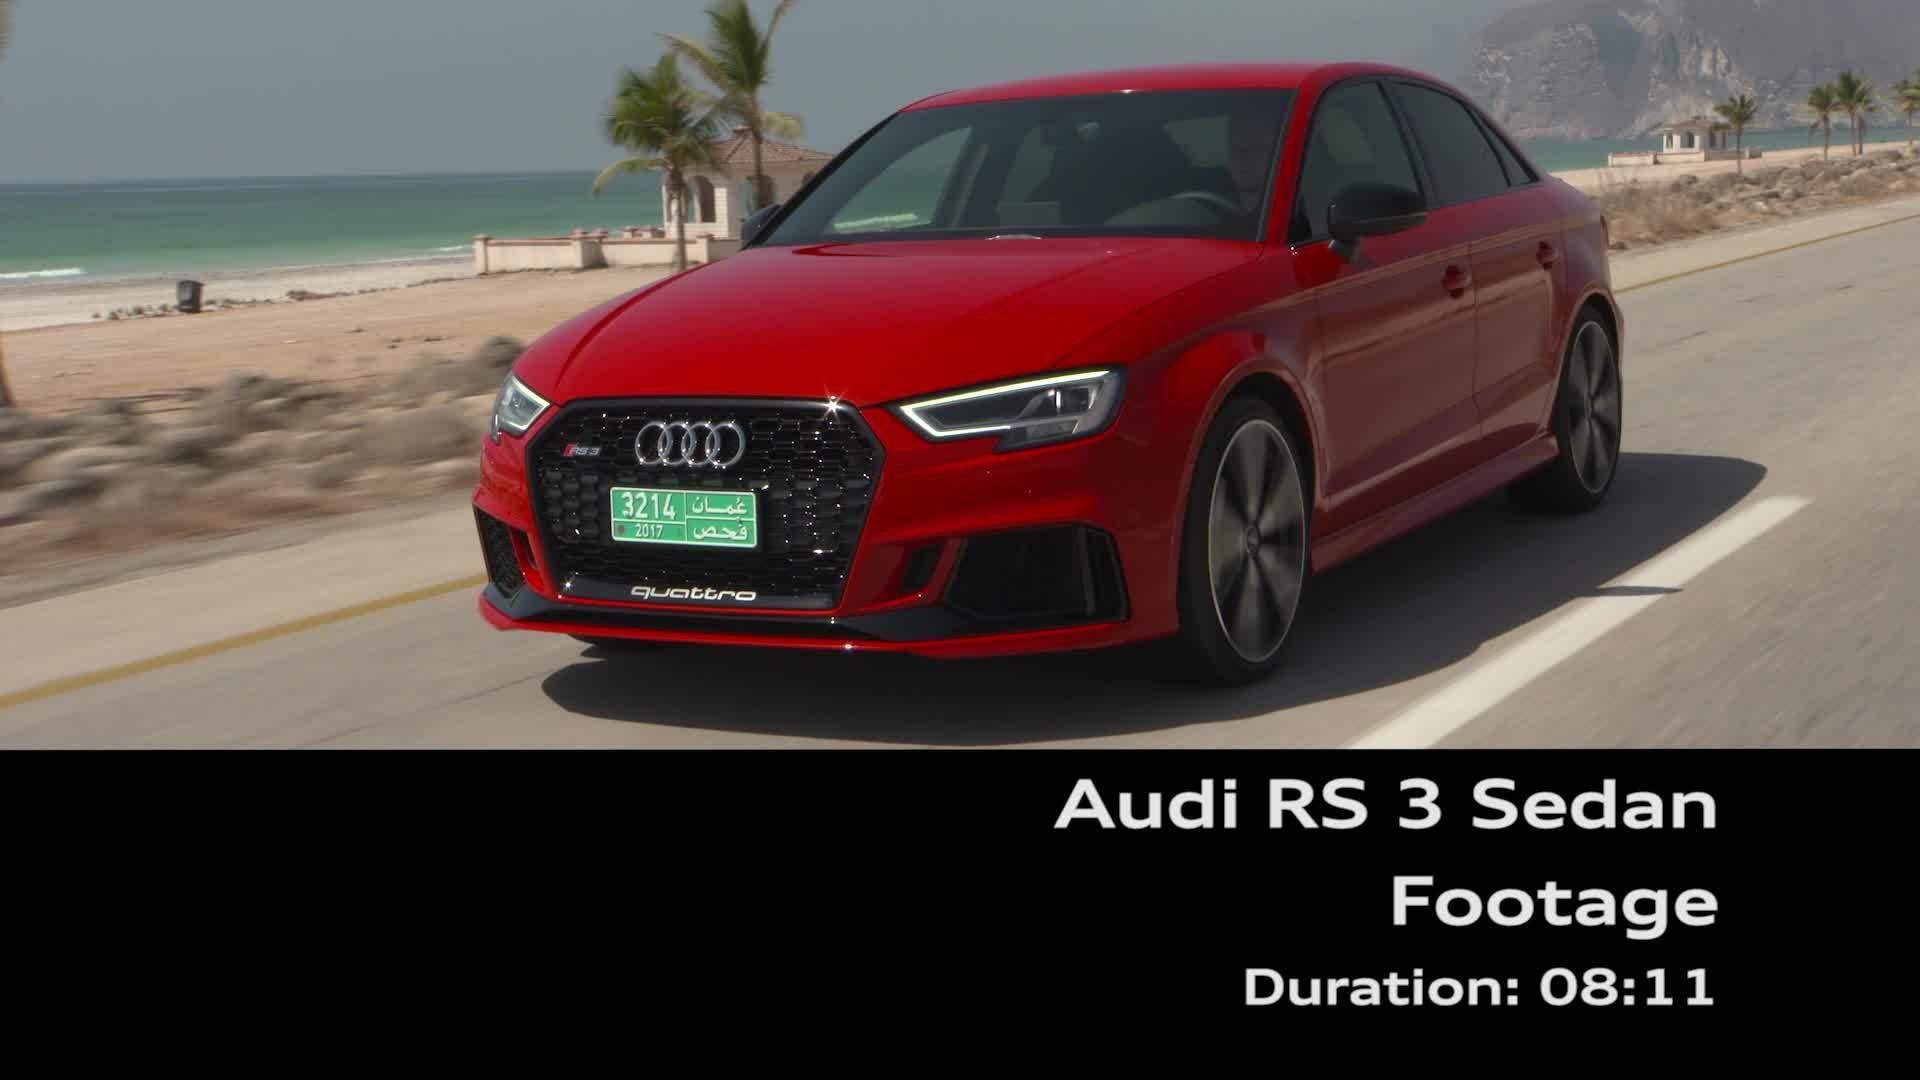 Audi RS 3 Sedan Footage - On location Oman